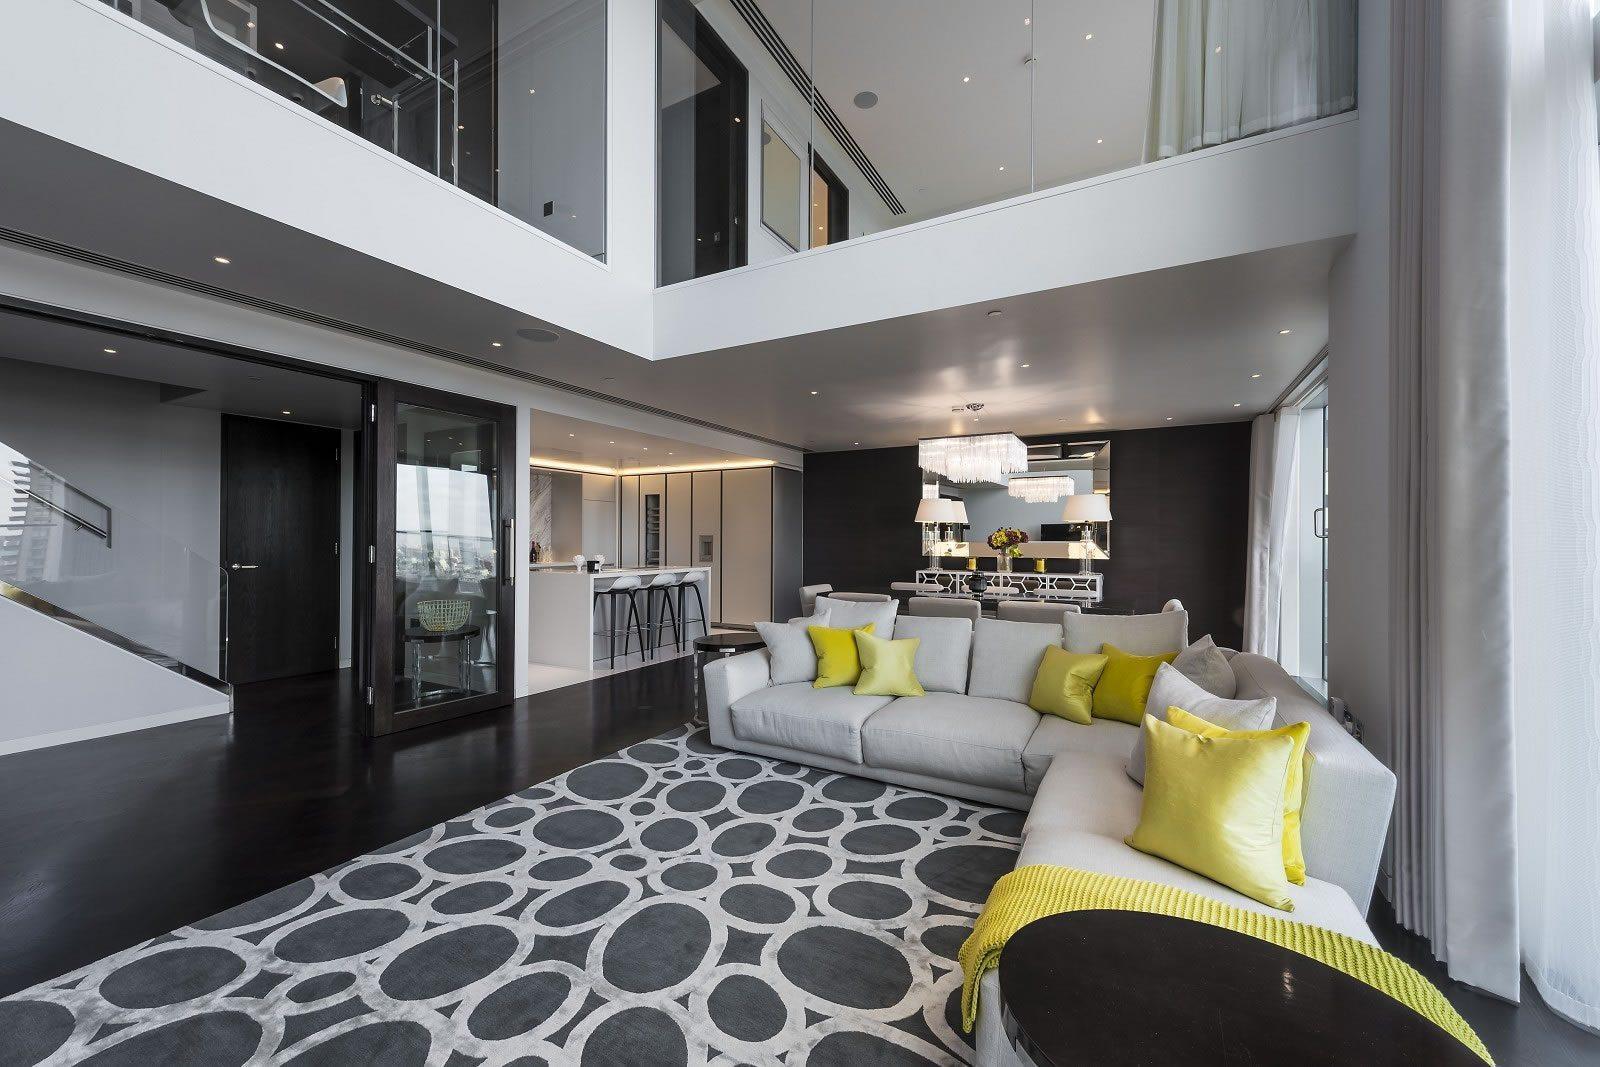 Exceptionnel appartement duplex de 3 chambres  vendre dans le gratteciel Heron  Londres  4